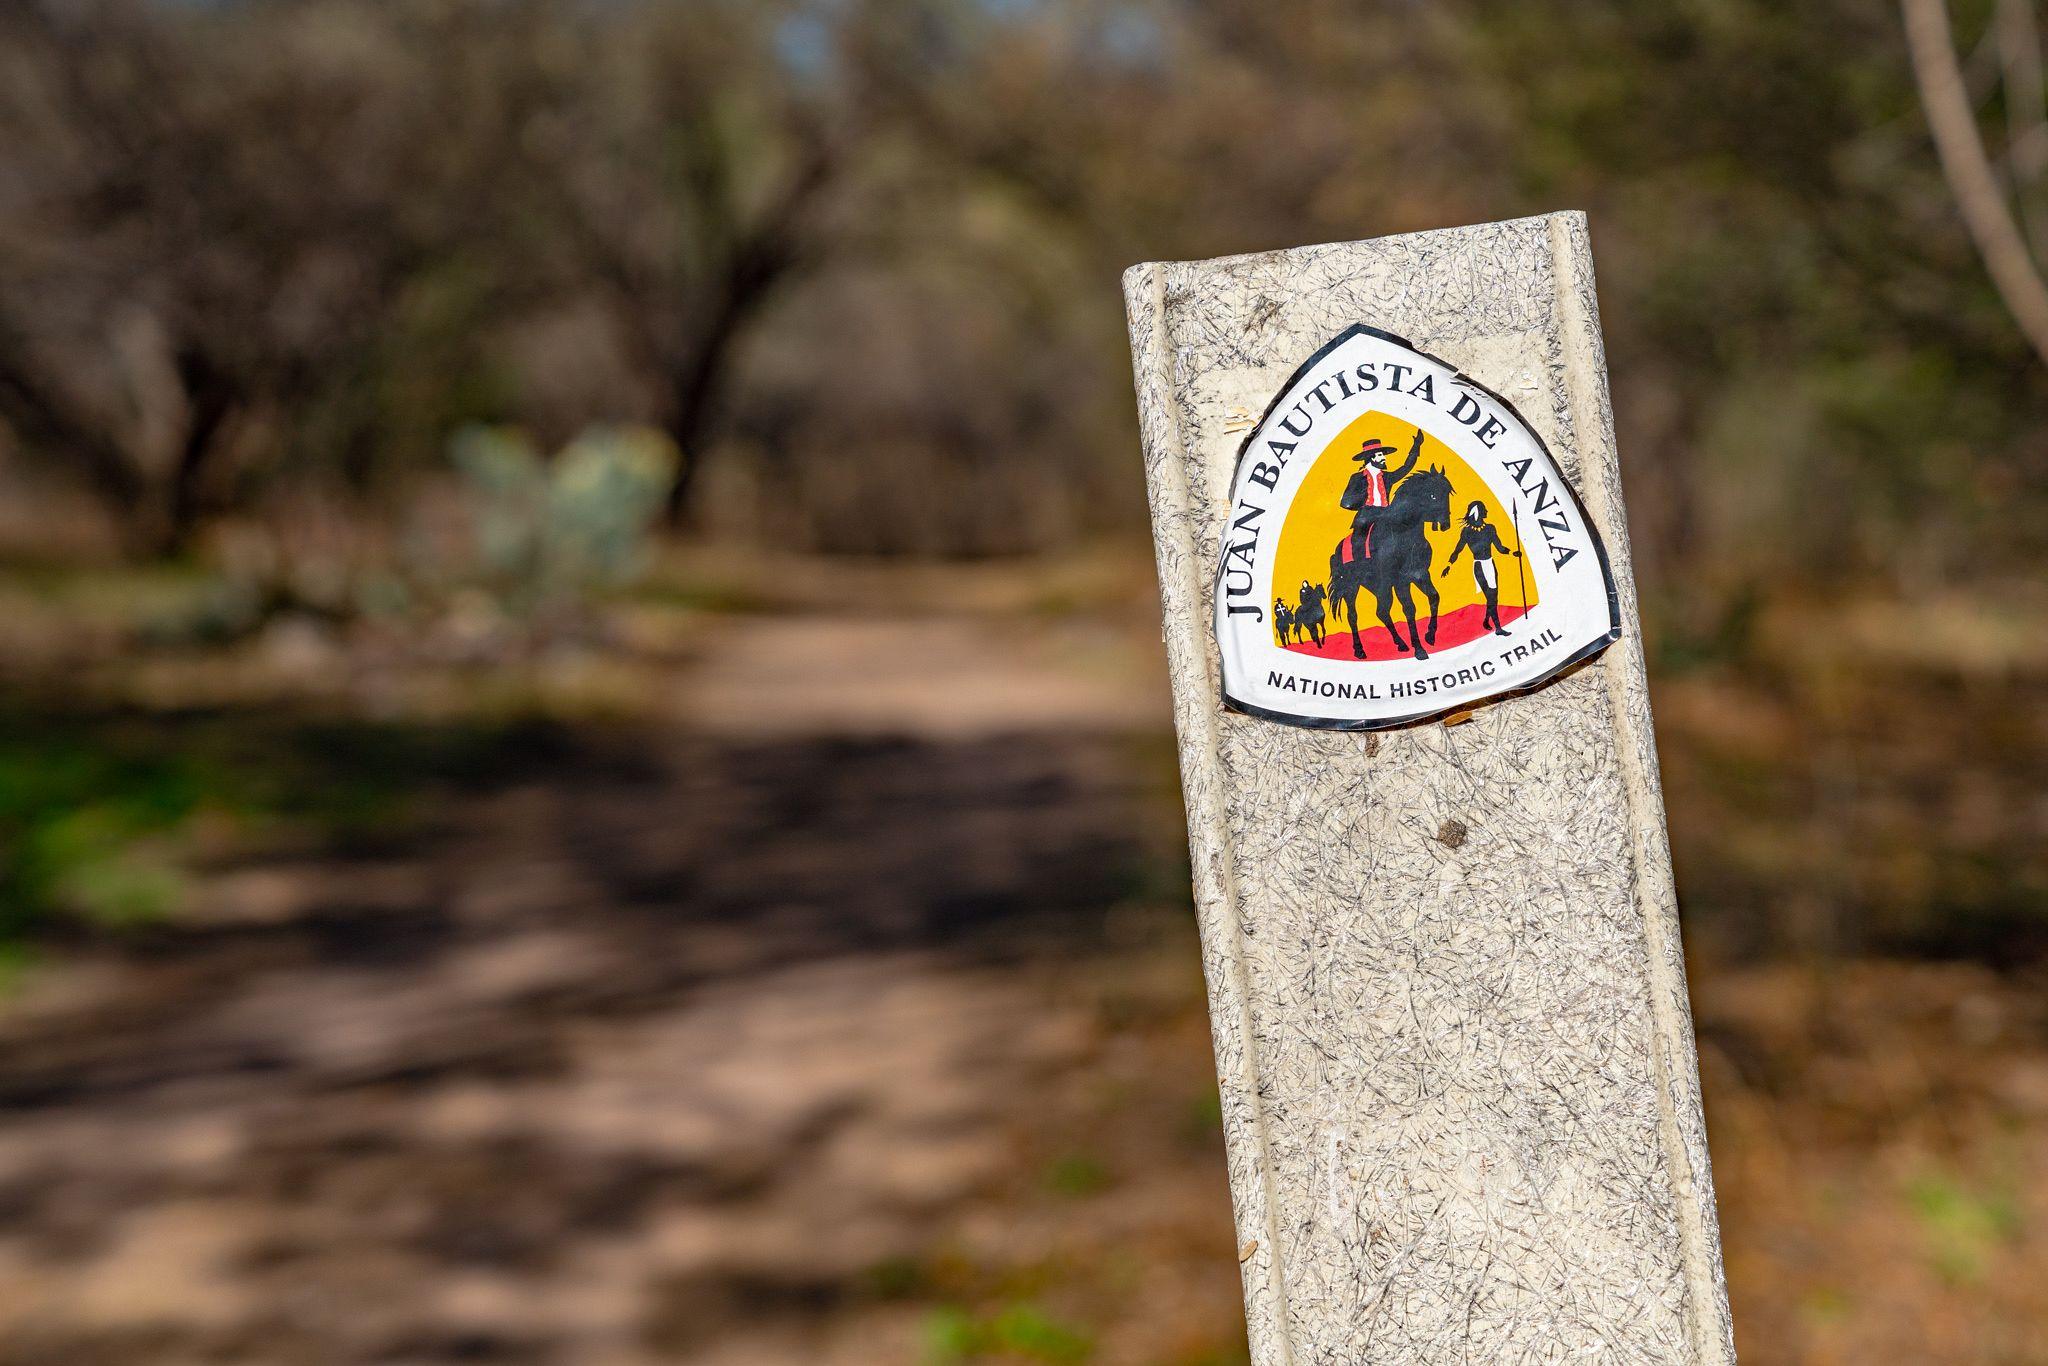 Juan Bautista de Anza National Historic Trail